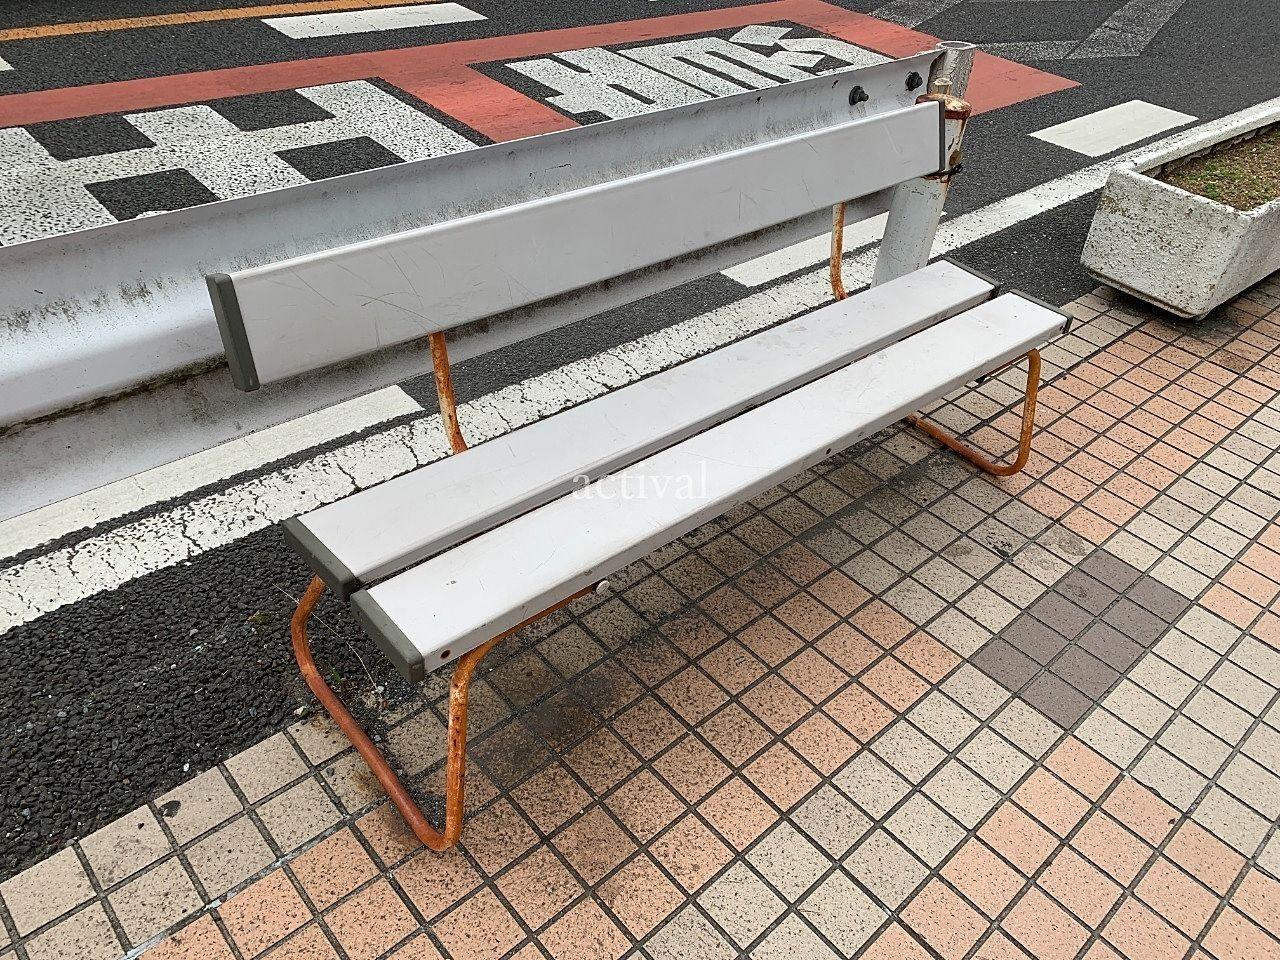 ア・ス・ヴェルデのベンチの脚を塗装します!